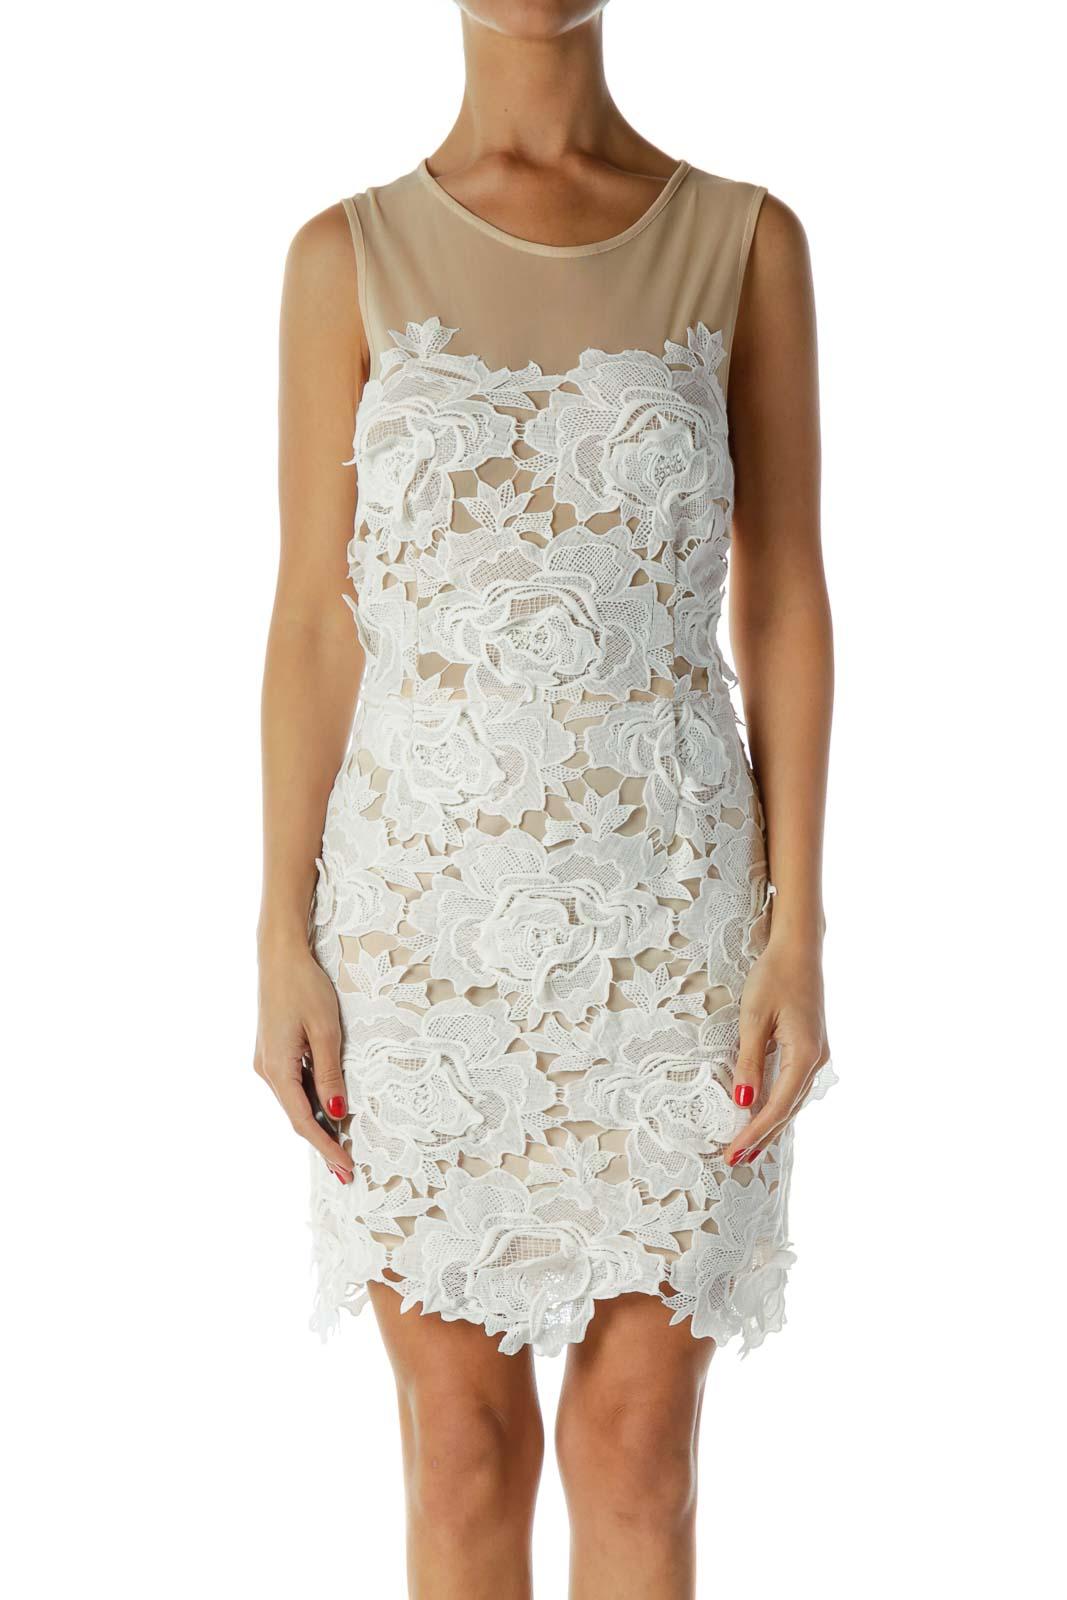 White Beige Lace Dress